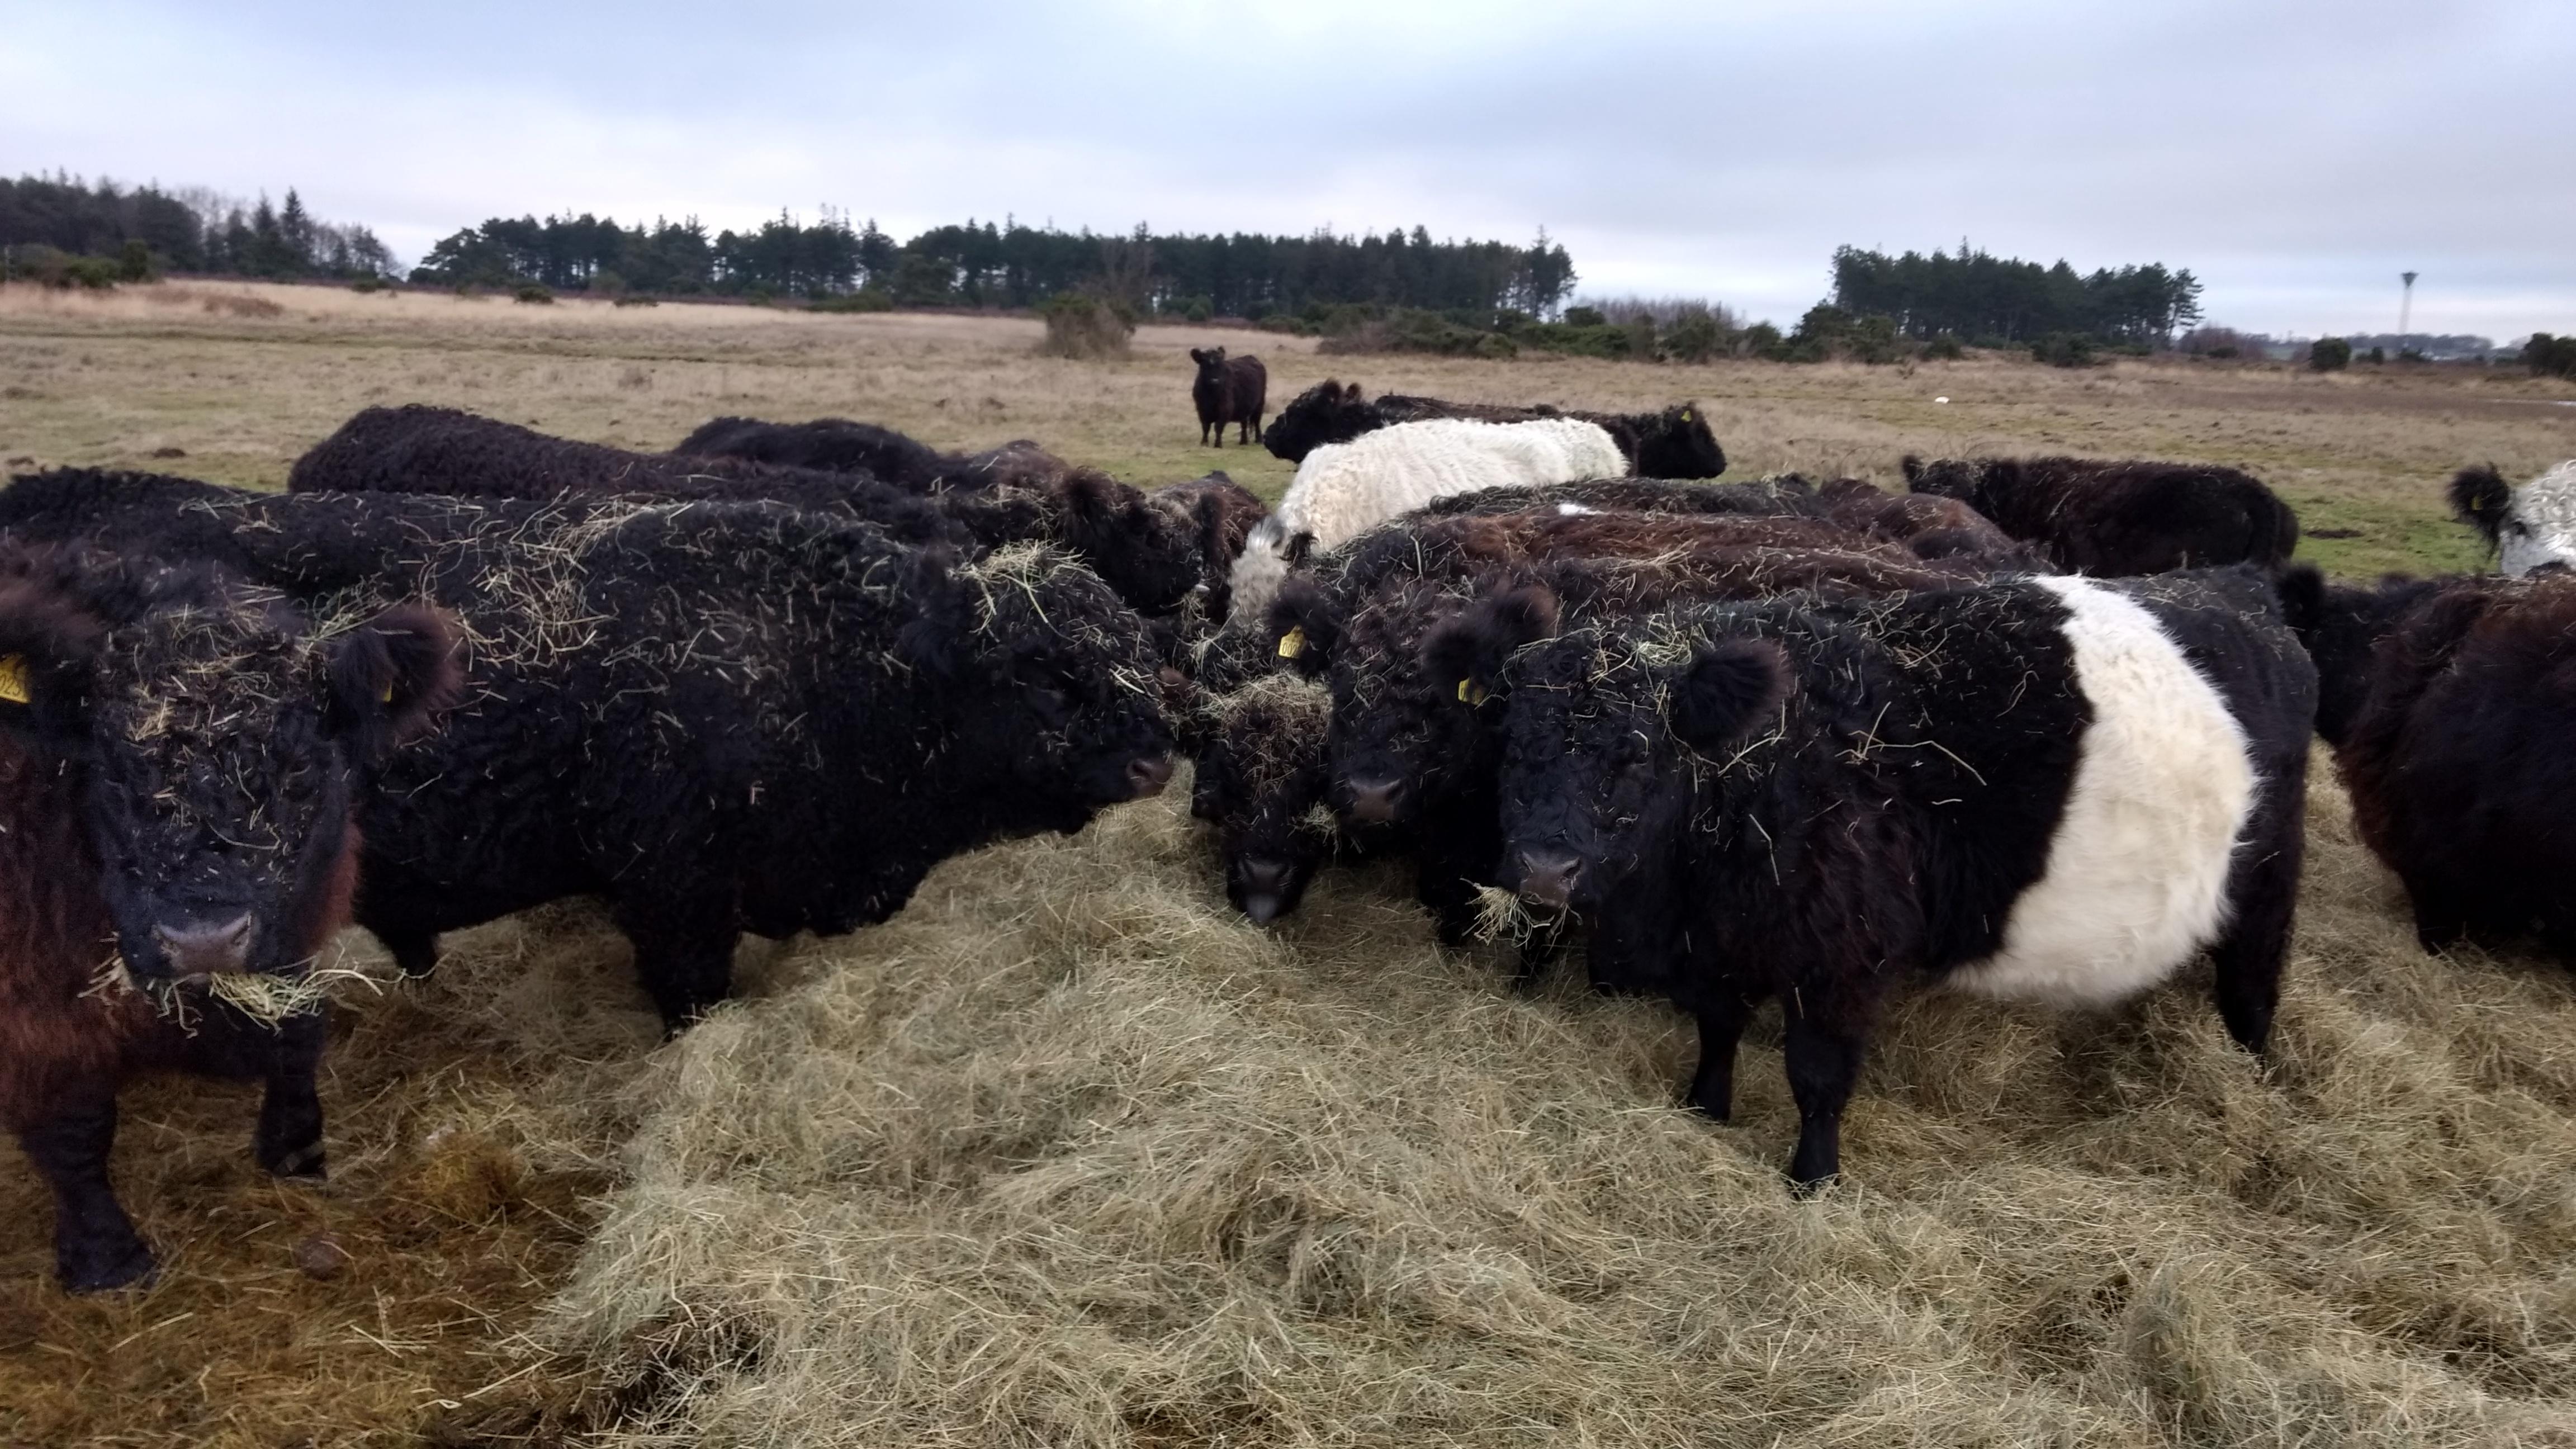 Galloway-kvæg, der laver naturpleje flere steder på Fyn. Et af stederne er Enebærodde ved Odense Fjord.